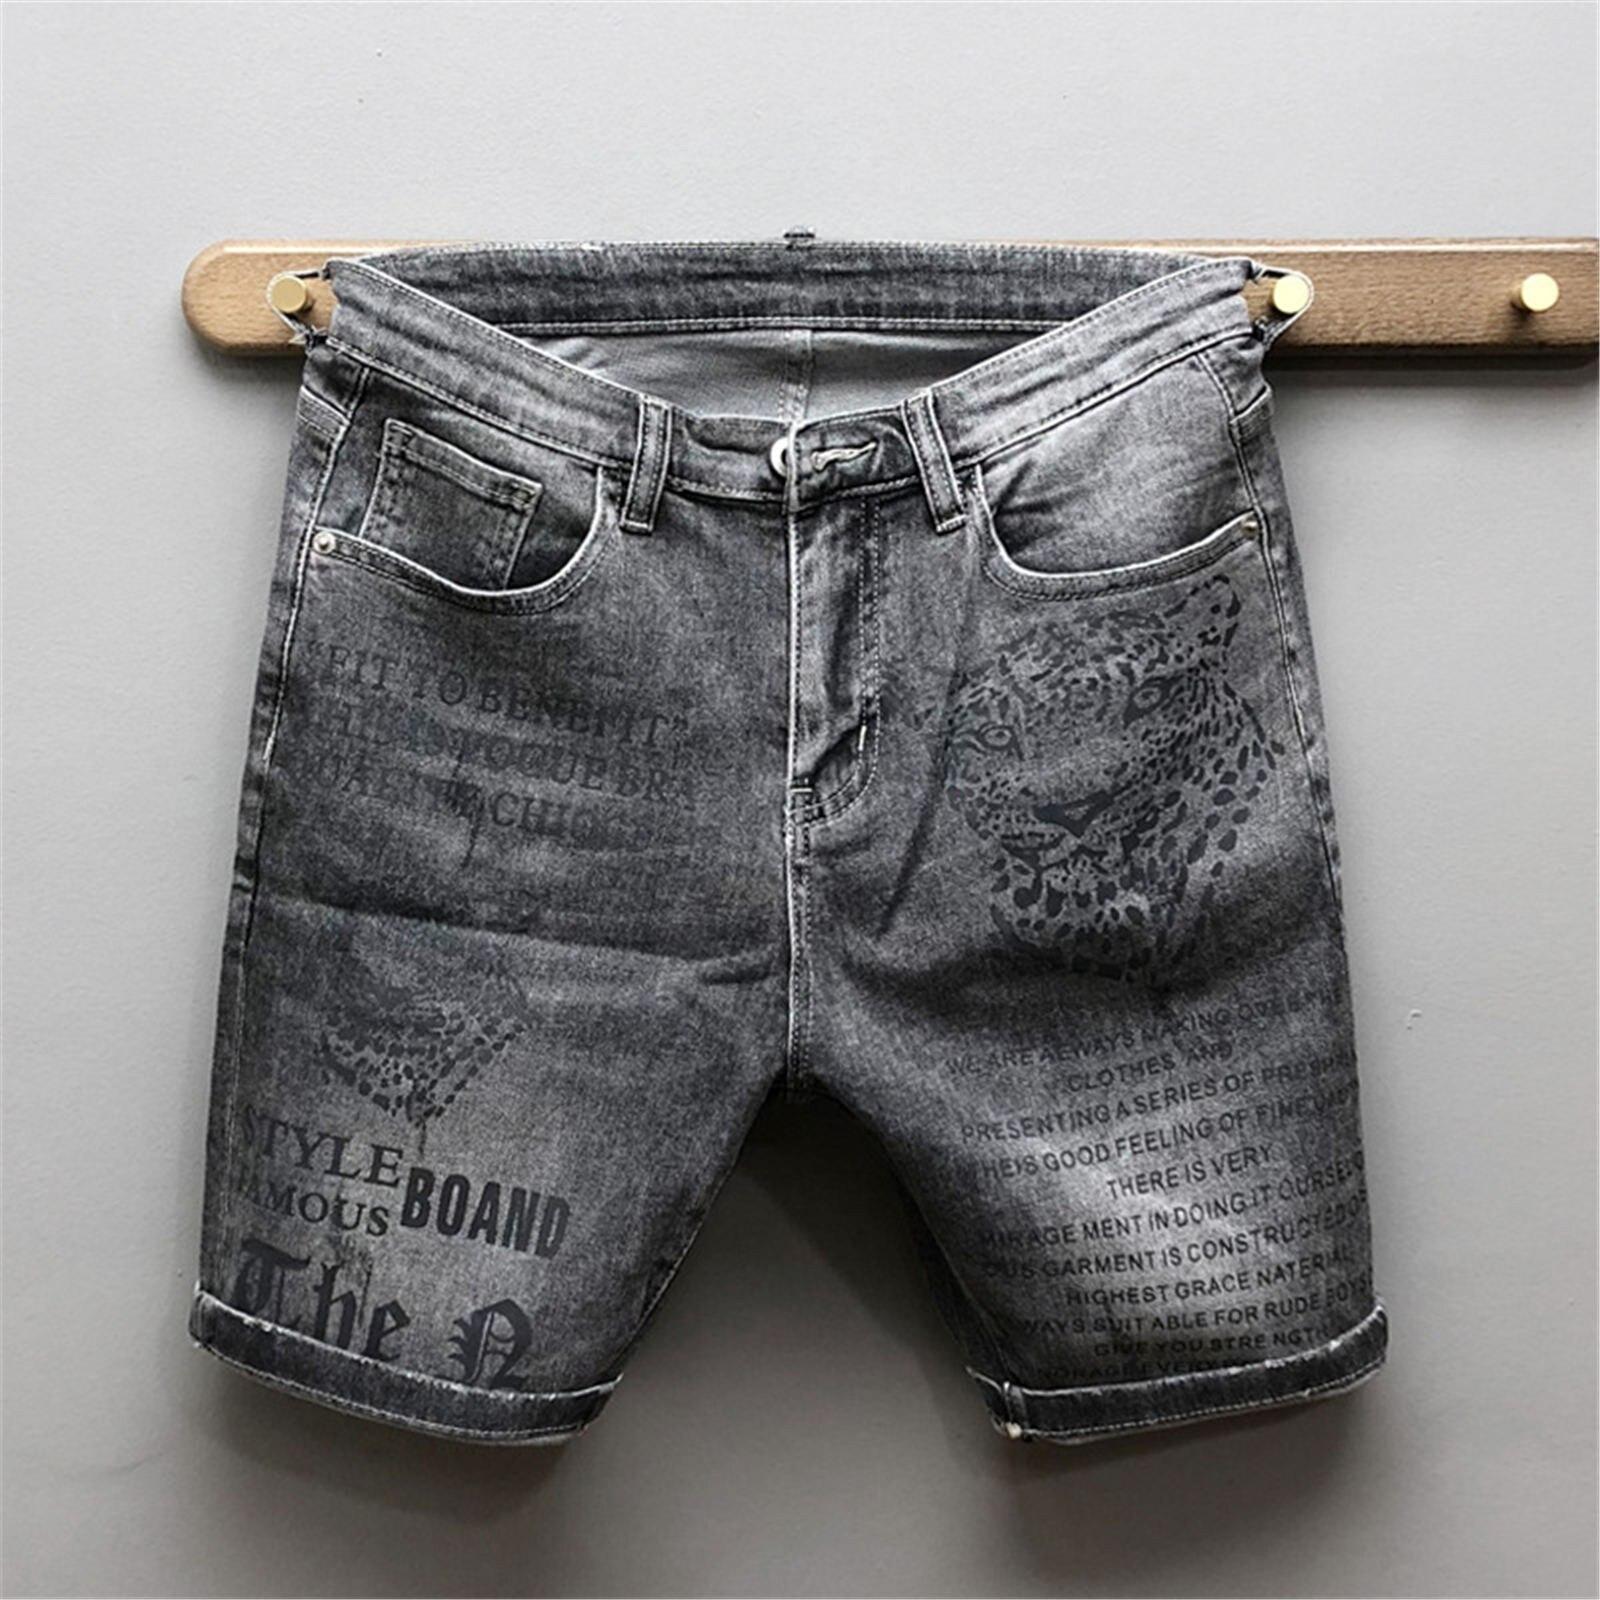 Шорты мужские джинсовые с вышивкой, повседневные однотонные модные облегающие, на молнии, удобная уличная одежда, лето A2